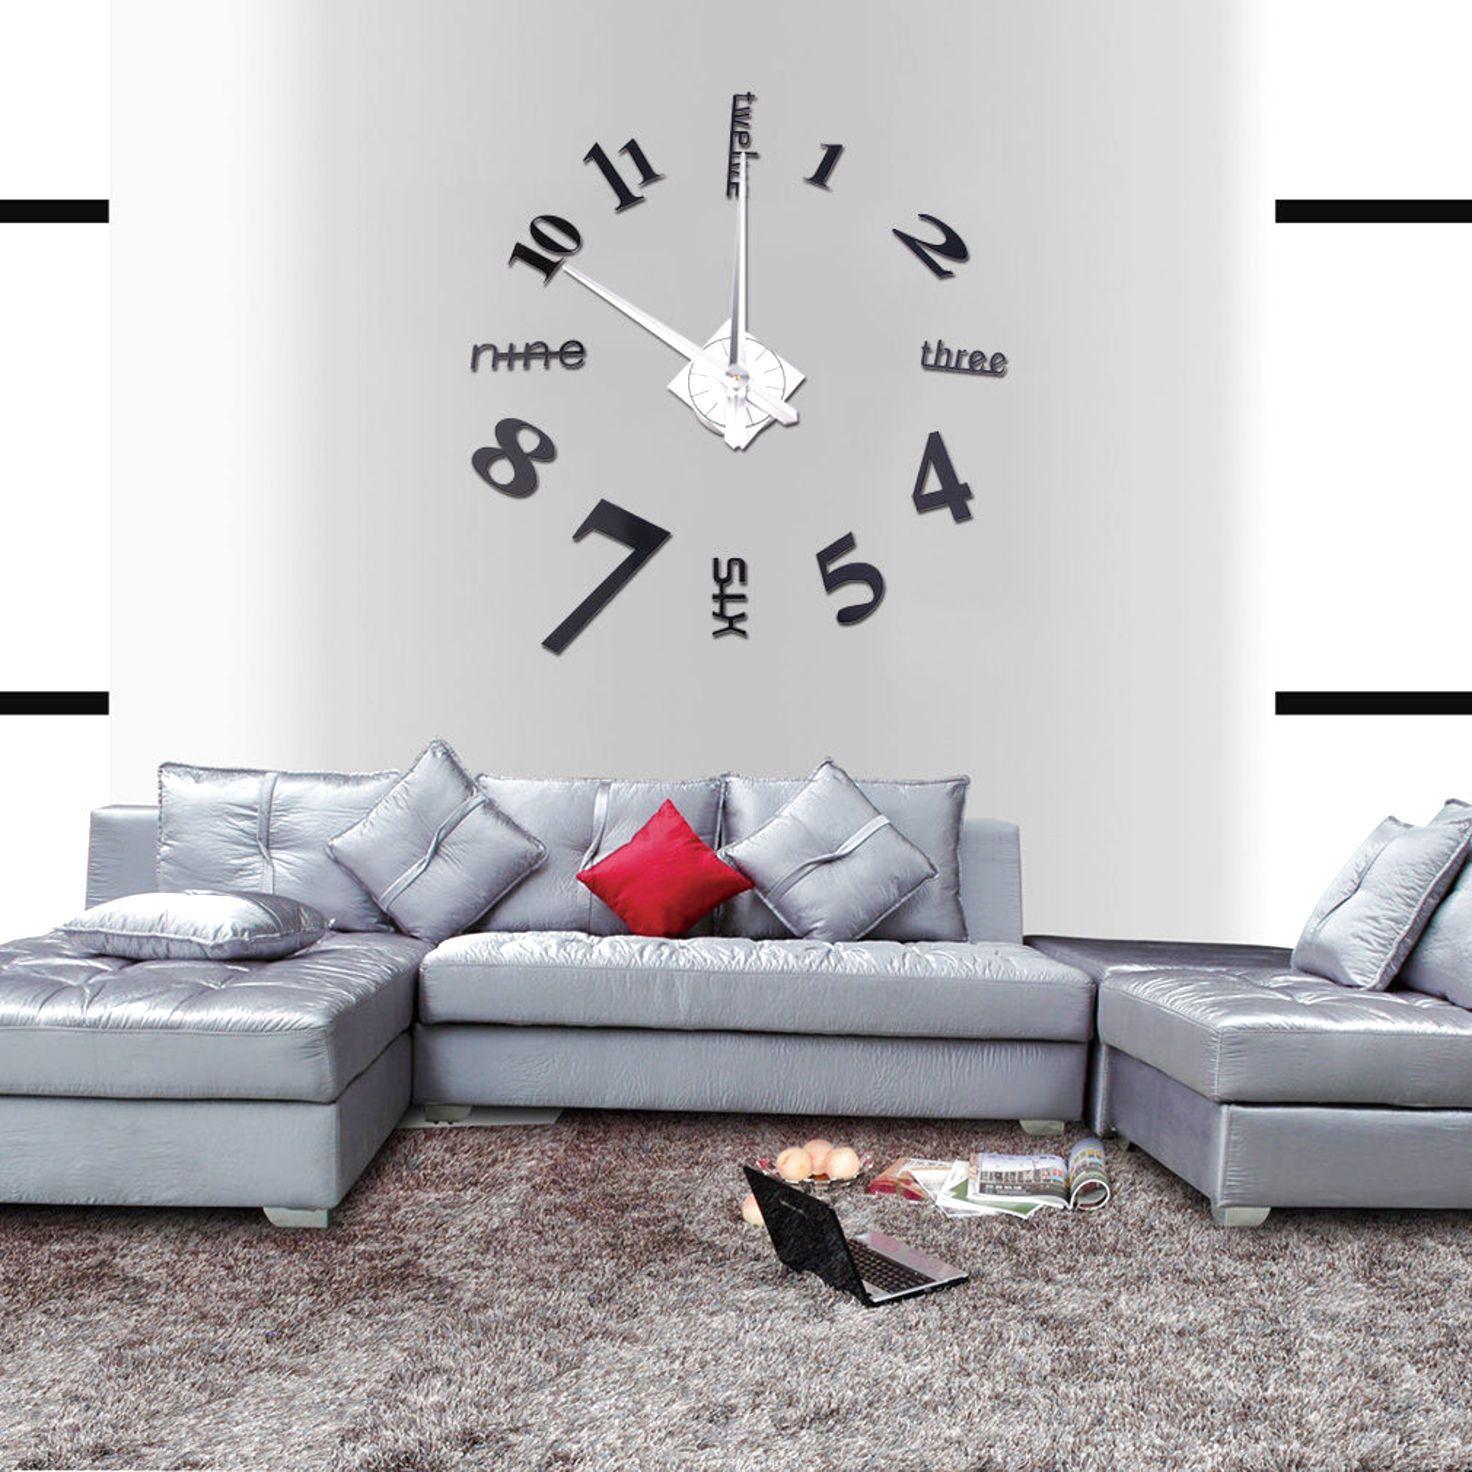 Modern diy large wall clock d mirror surface sticker home decor art